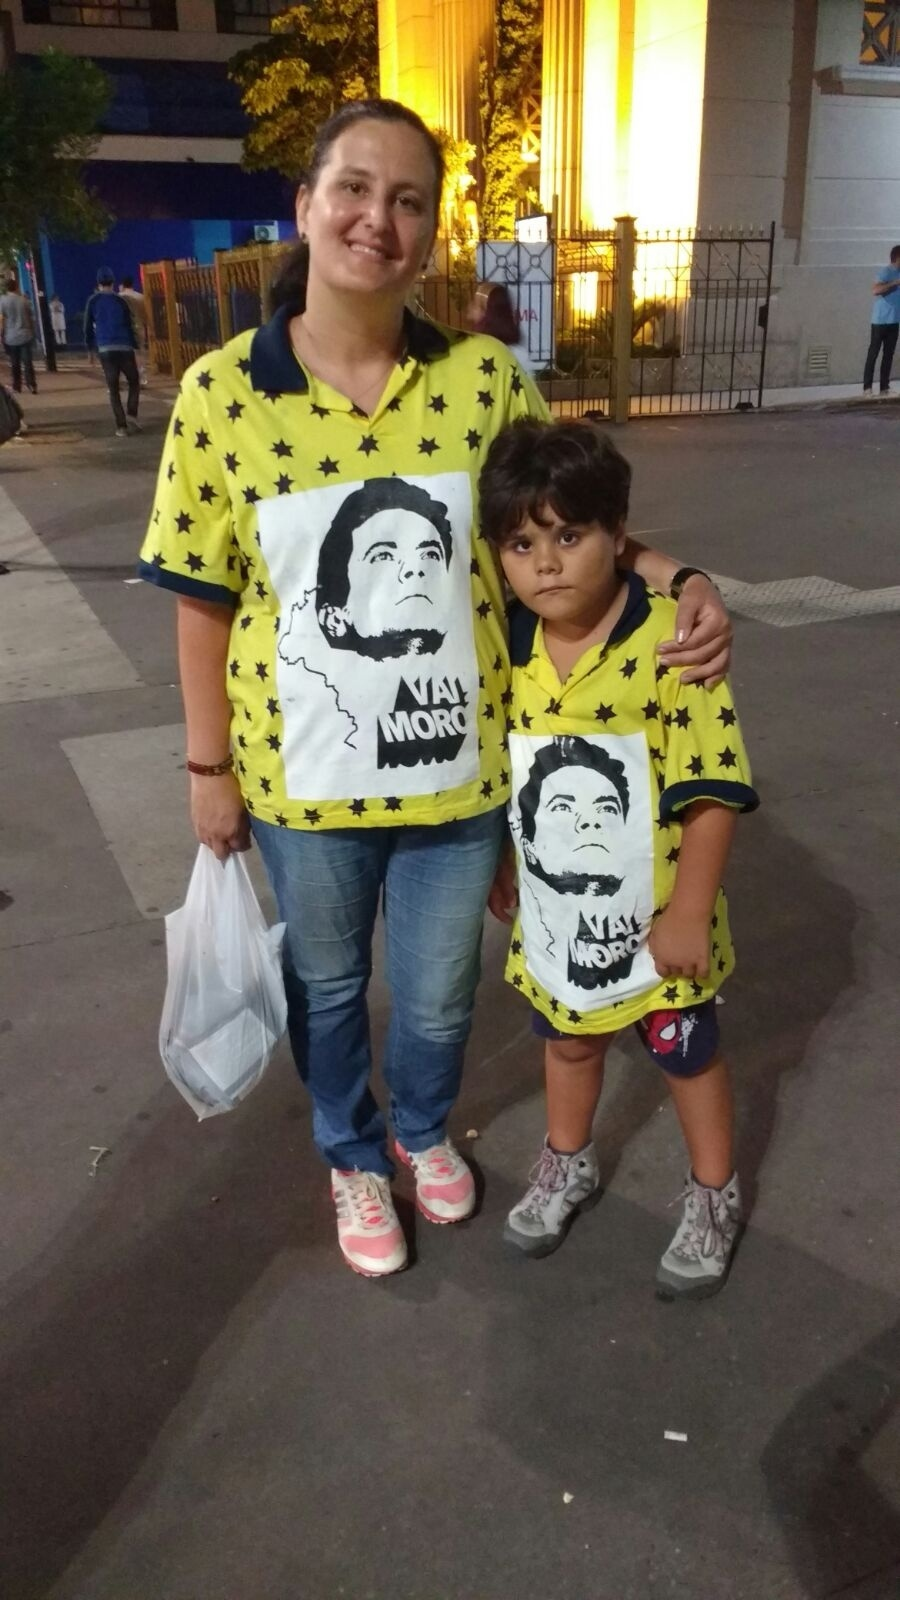 13.mar.2016 - No protesto contra o governo em São Paulo, Luciana Rodrigues e o filho vestiam camisas em apoio ao juiz Sérgio Moro, da Lava Jato, e contra o governo Dilma